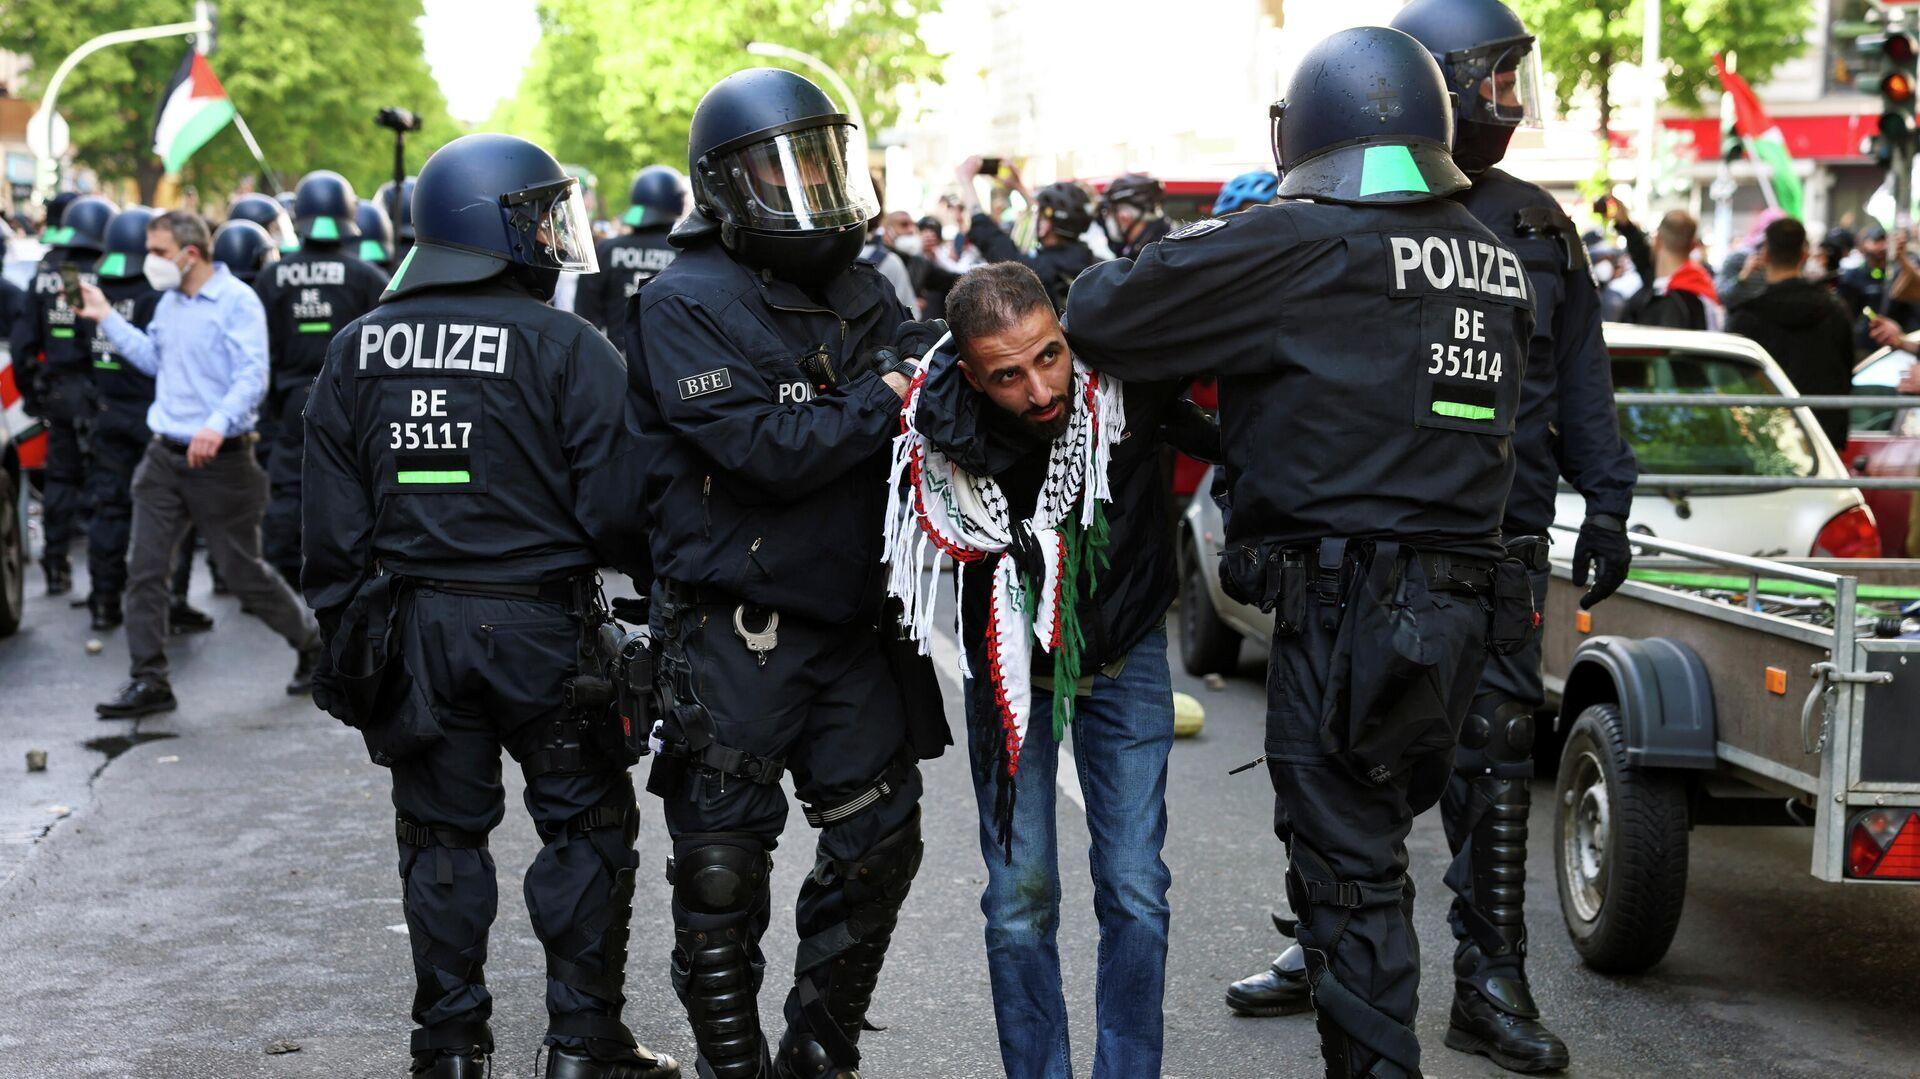 Polizeibeamten in Berlin nehmen einen Teilnehmer einer pro-palästinensischer Demo in Berlin - SNA, 1920, 17.05.2021